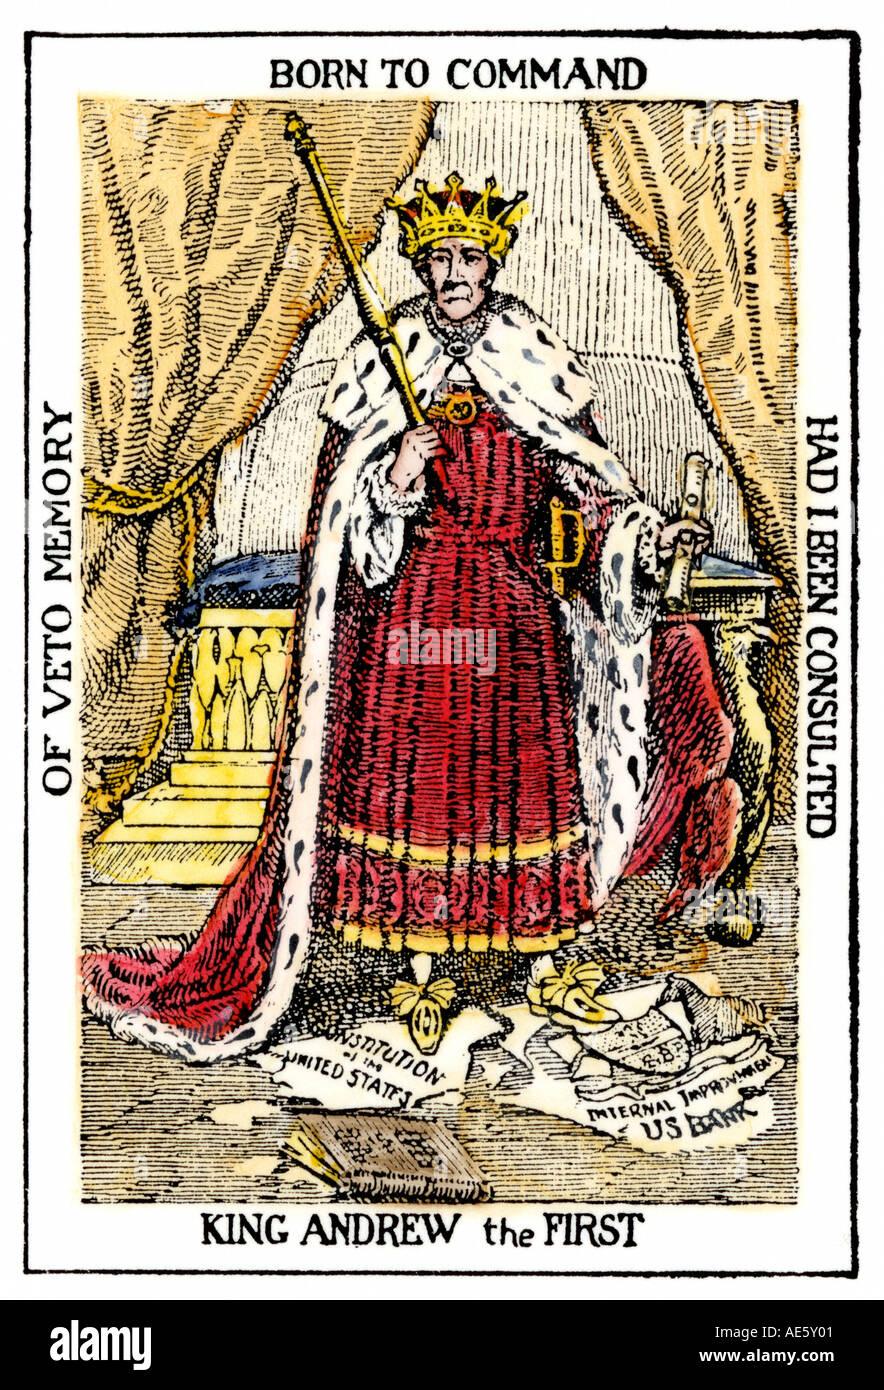 Caricatura del presidente Andrew Jackson como rey Andrés la primera. Xilografía coloreada a mano Imagen De Stock